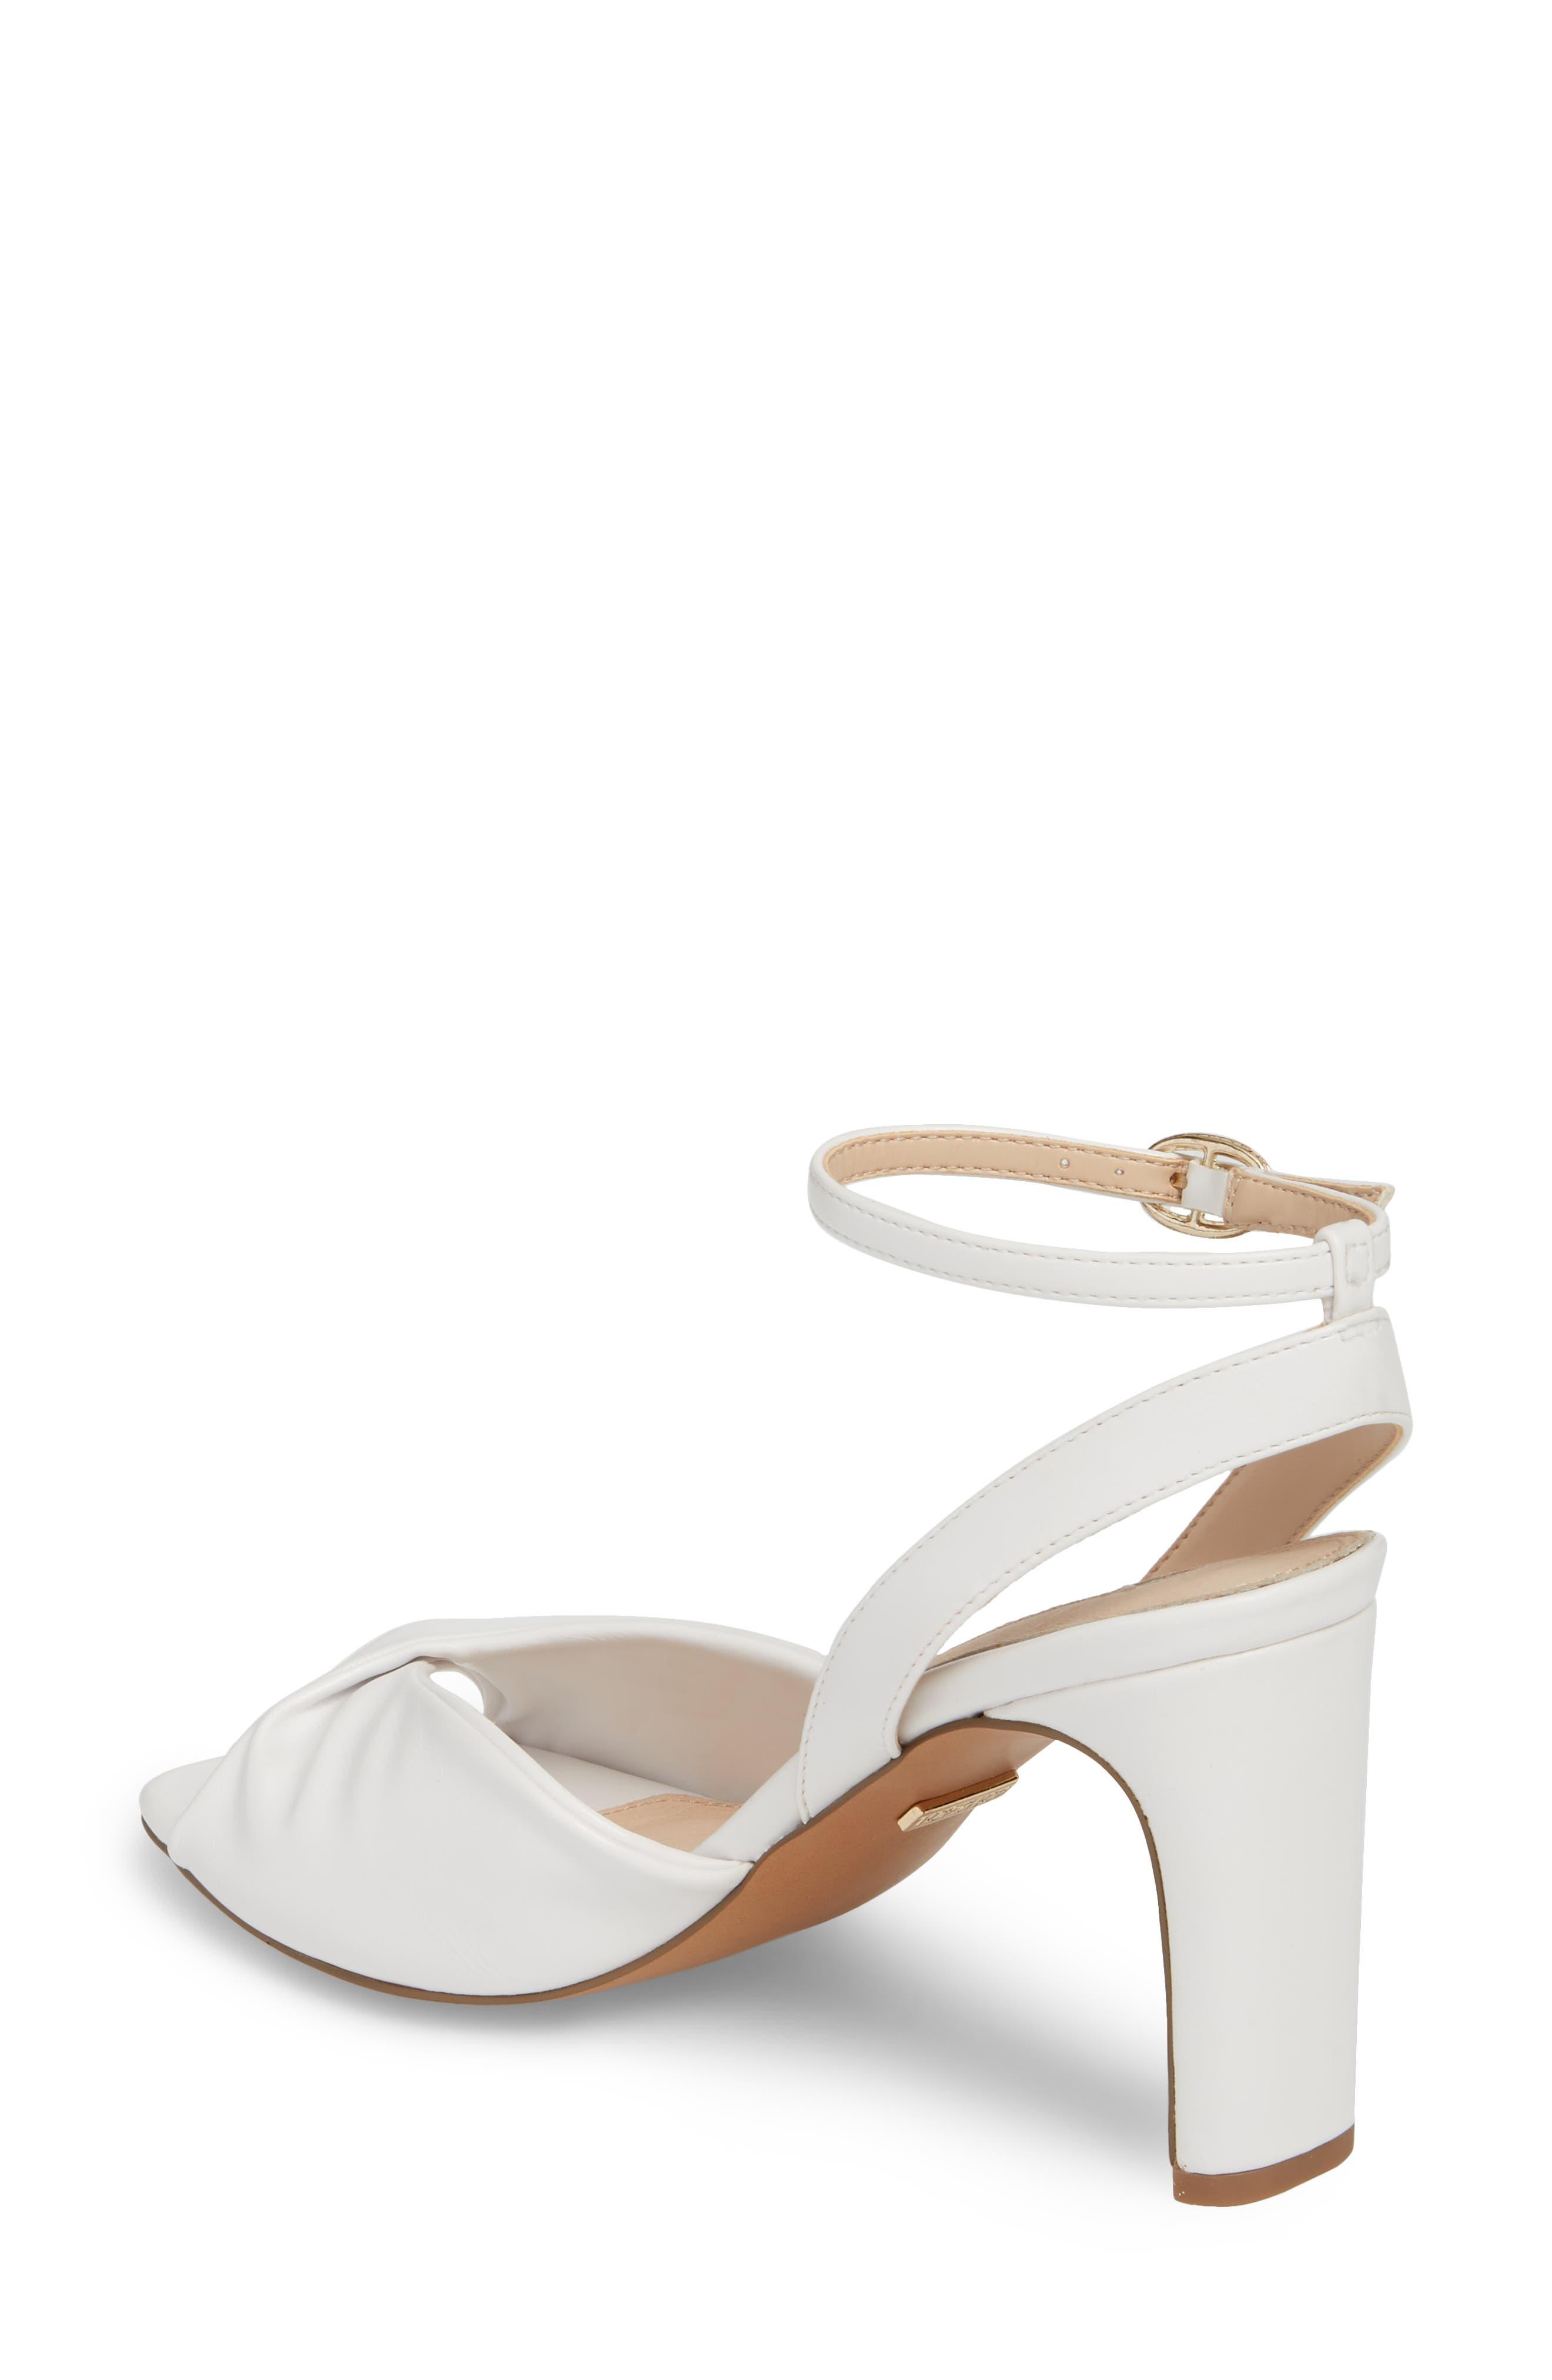 Raven Skinny Heel Sandal,                             Alternate thumbnail 2, color,                             White